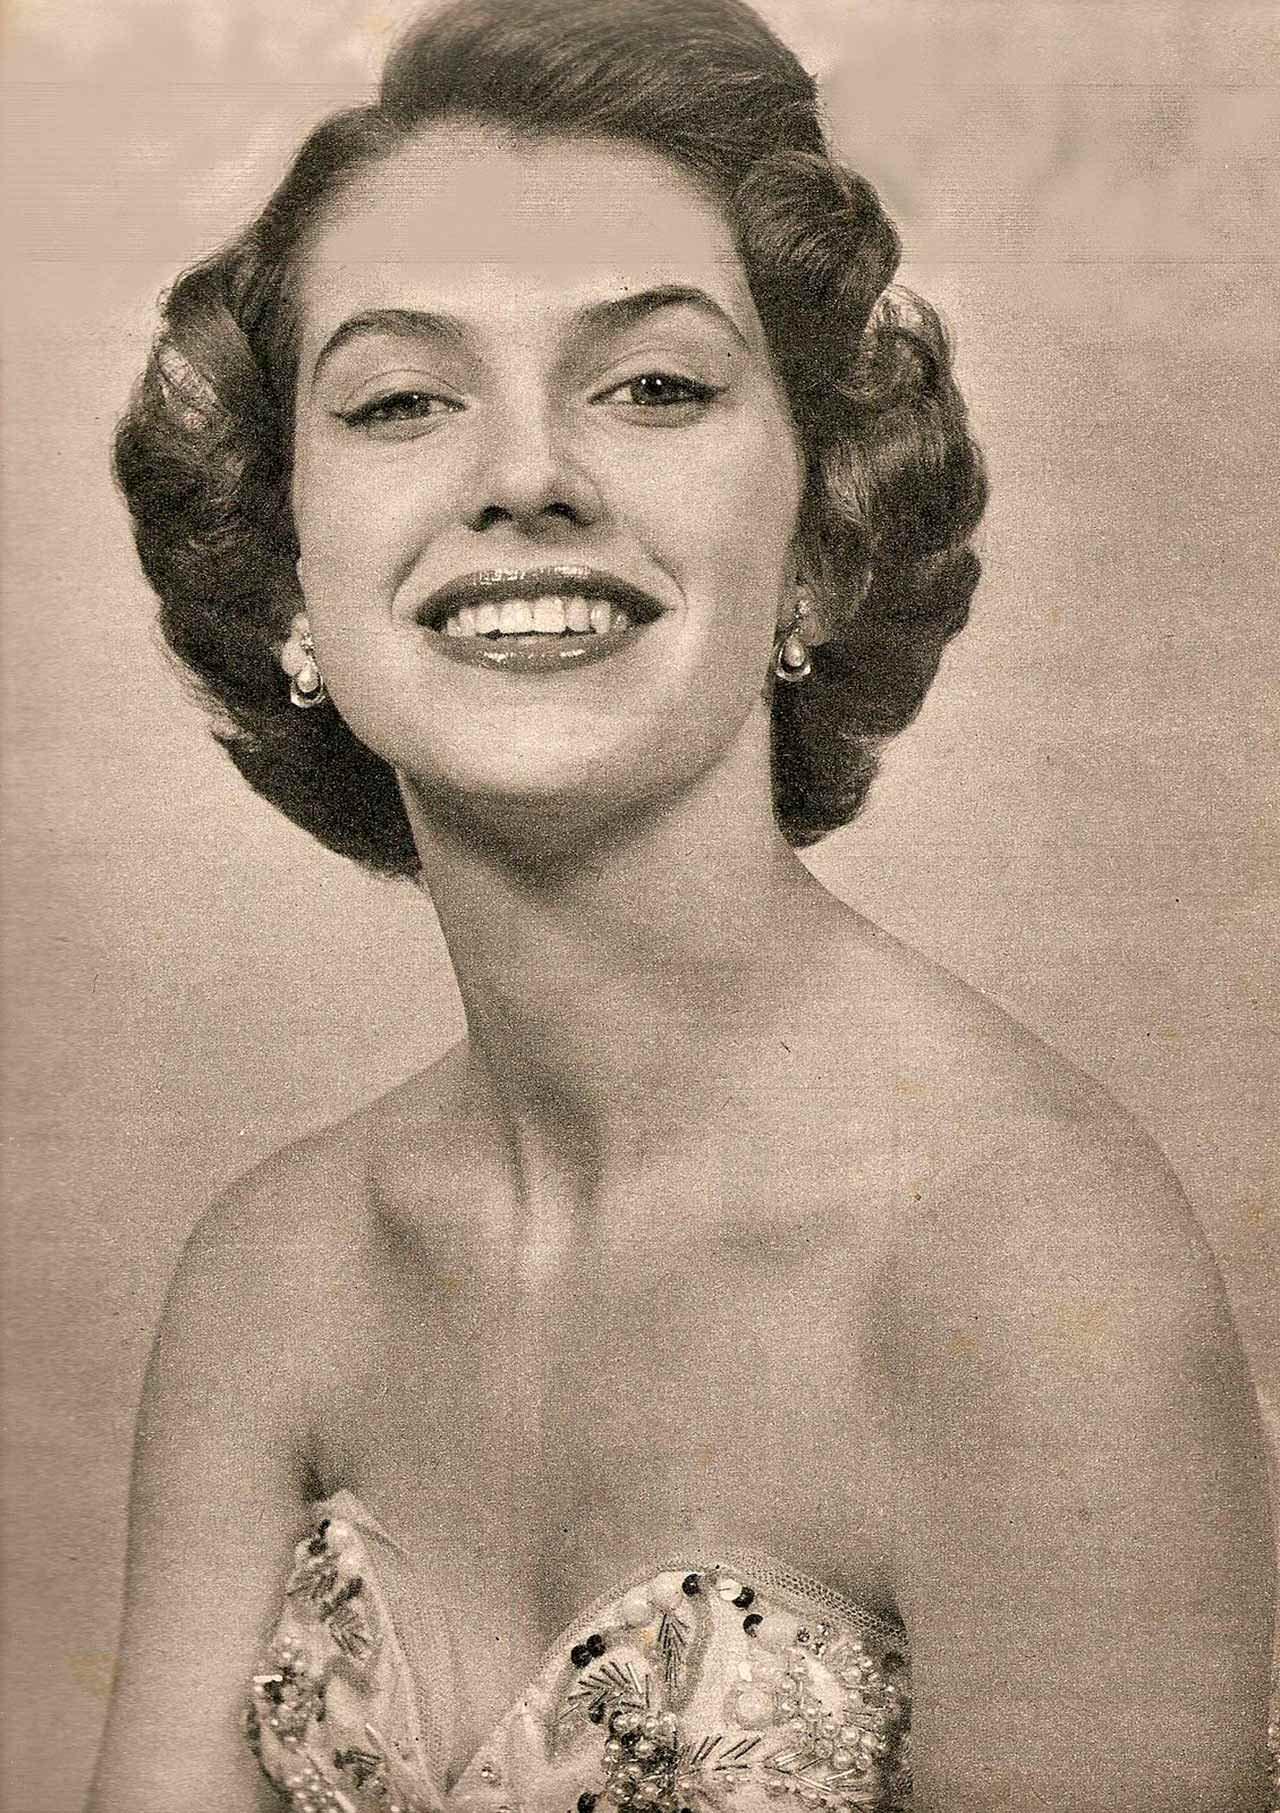 Фото   Мисс Мира 1952 года Май-Луиза Флудин